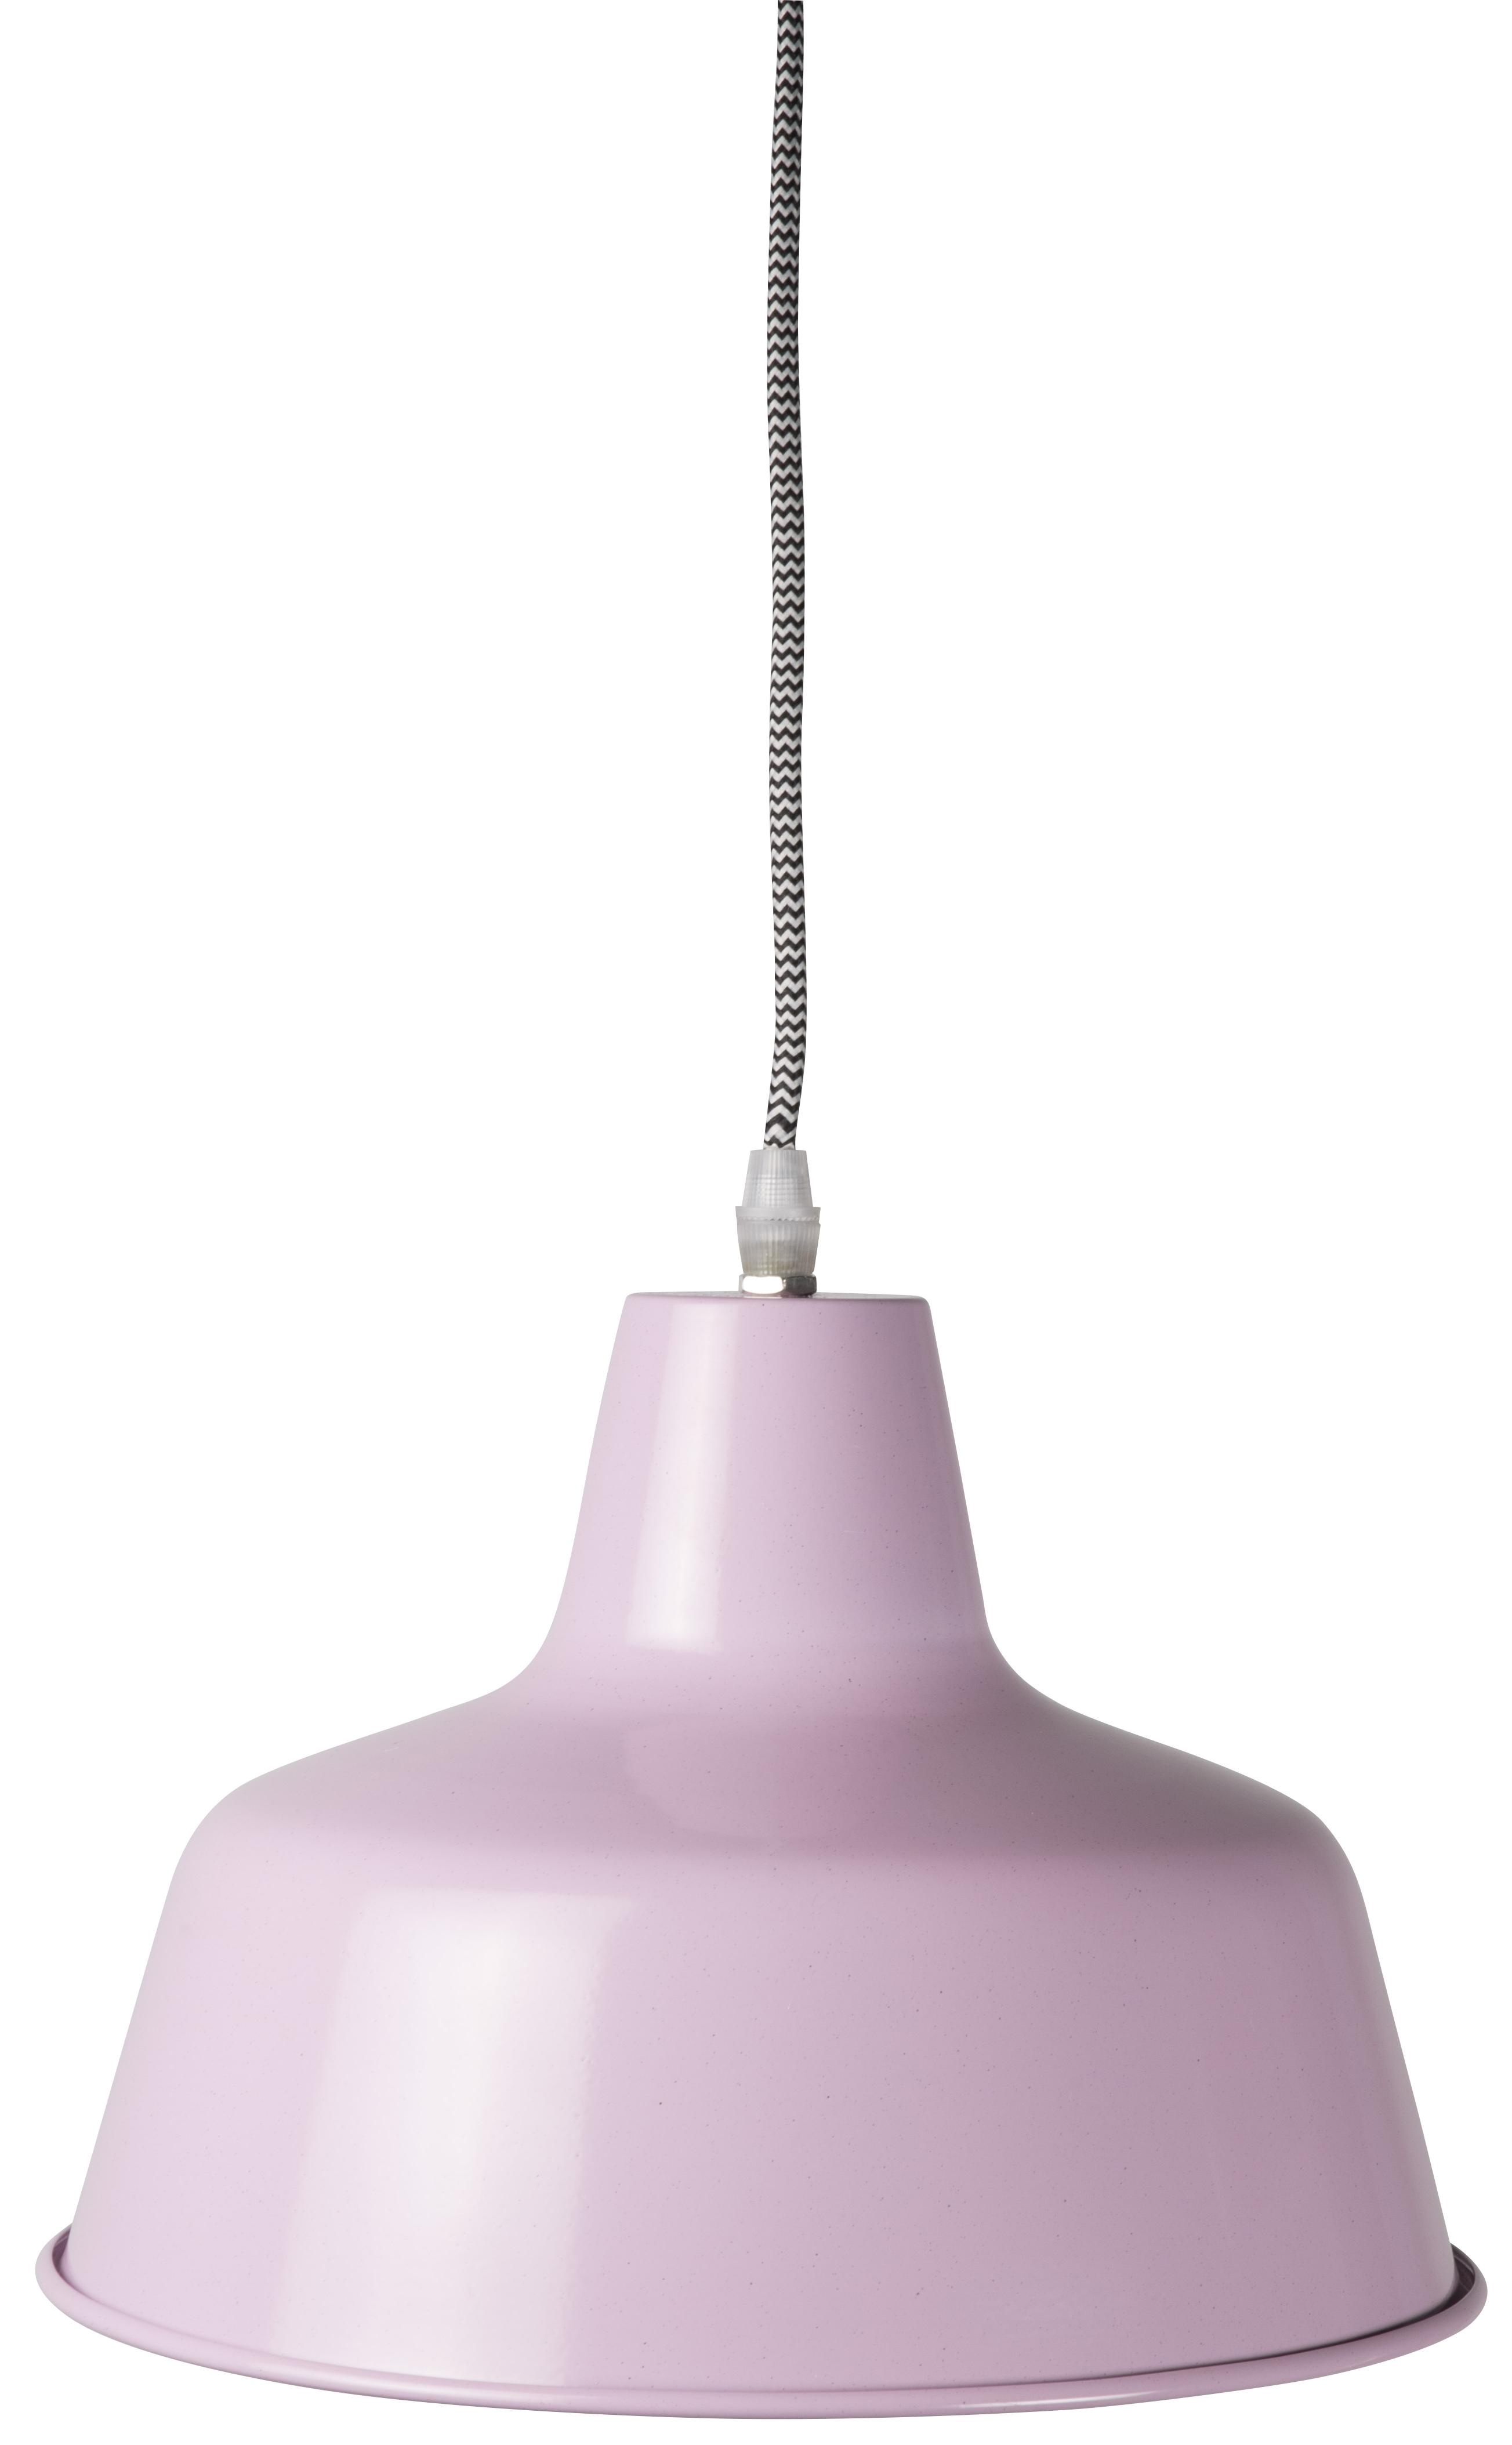 industrie deckenlampe rosa. Black Bedroom Furniture Sets. Home Design Ideas